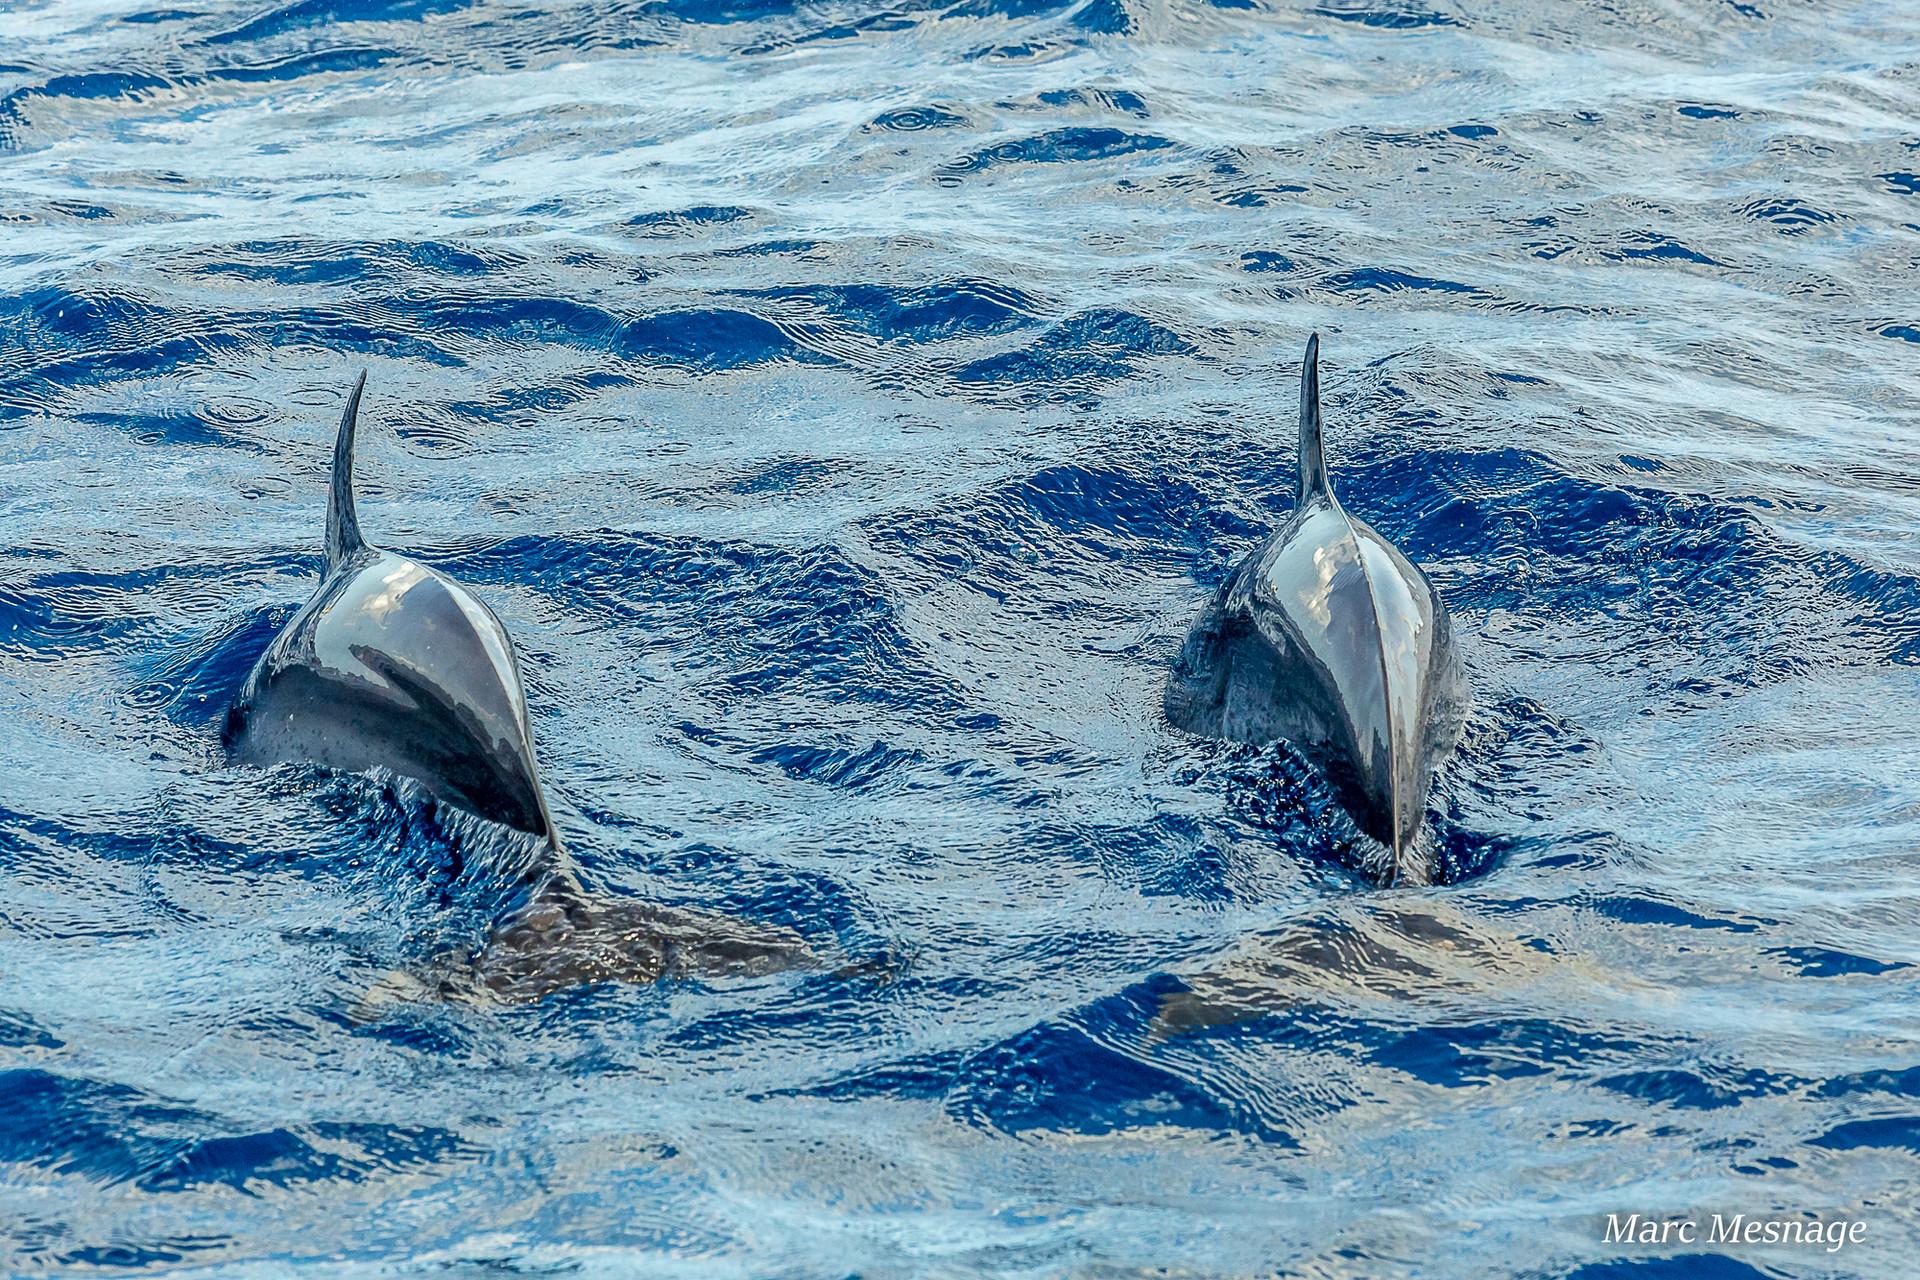 sortie dauphins, Martinique, croisiere Martinique, catamaran Martinique